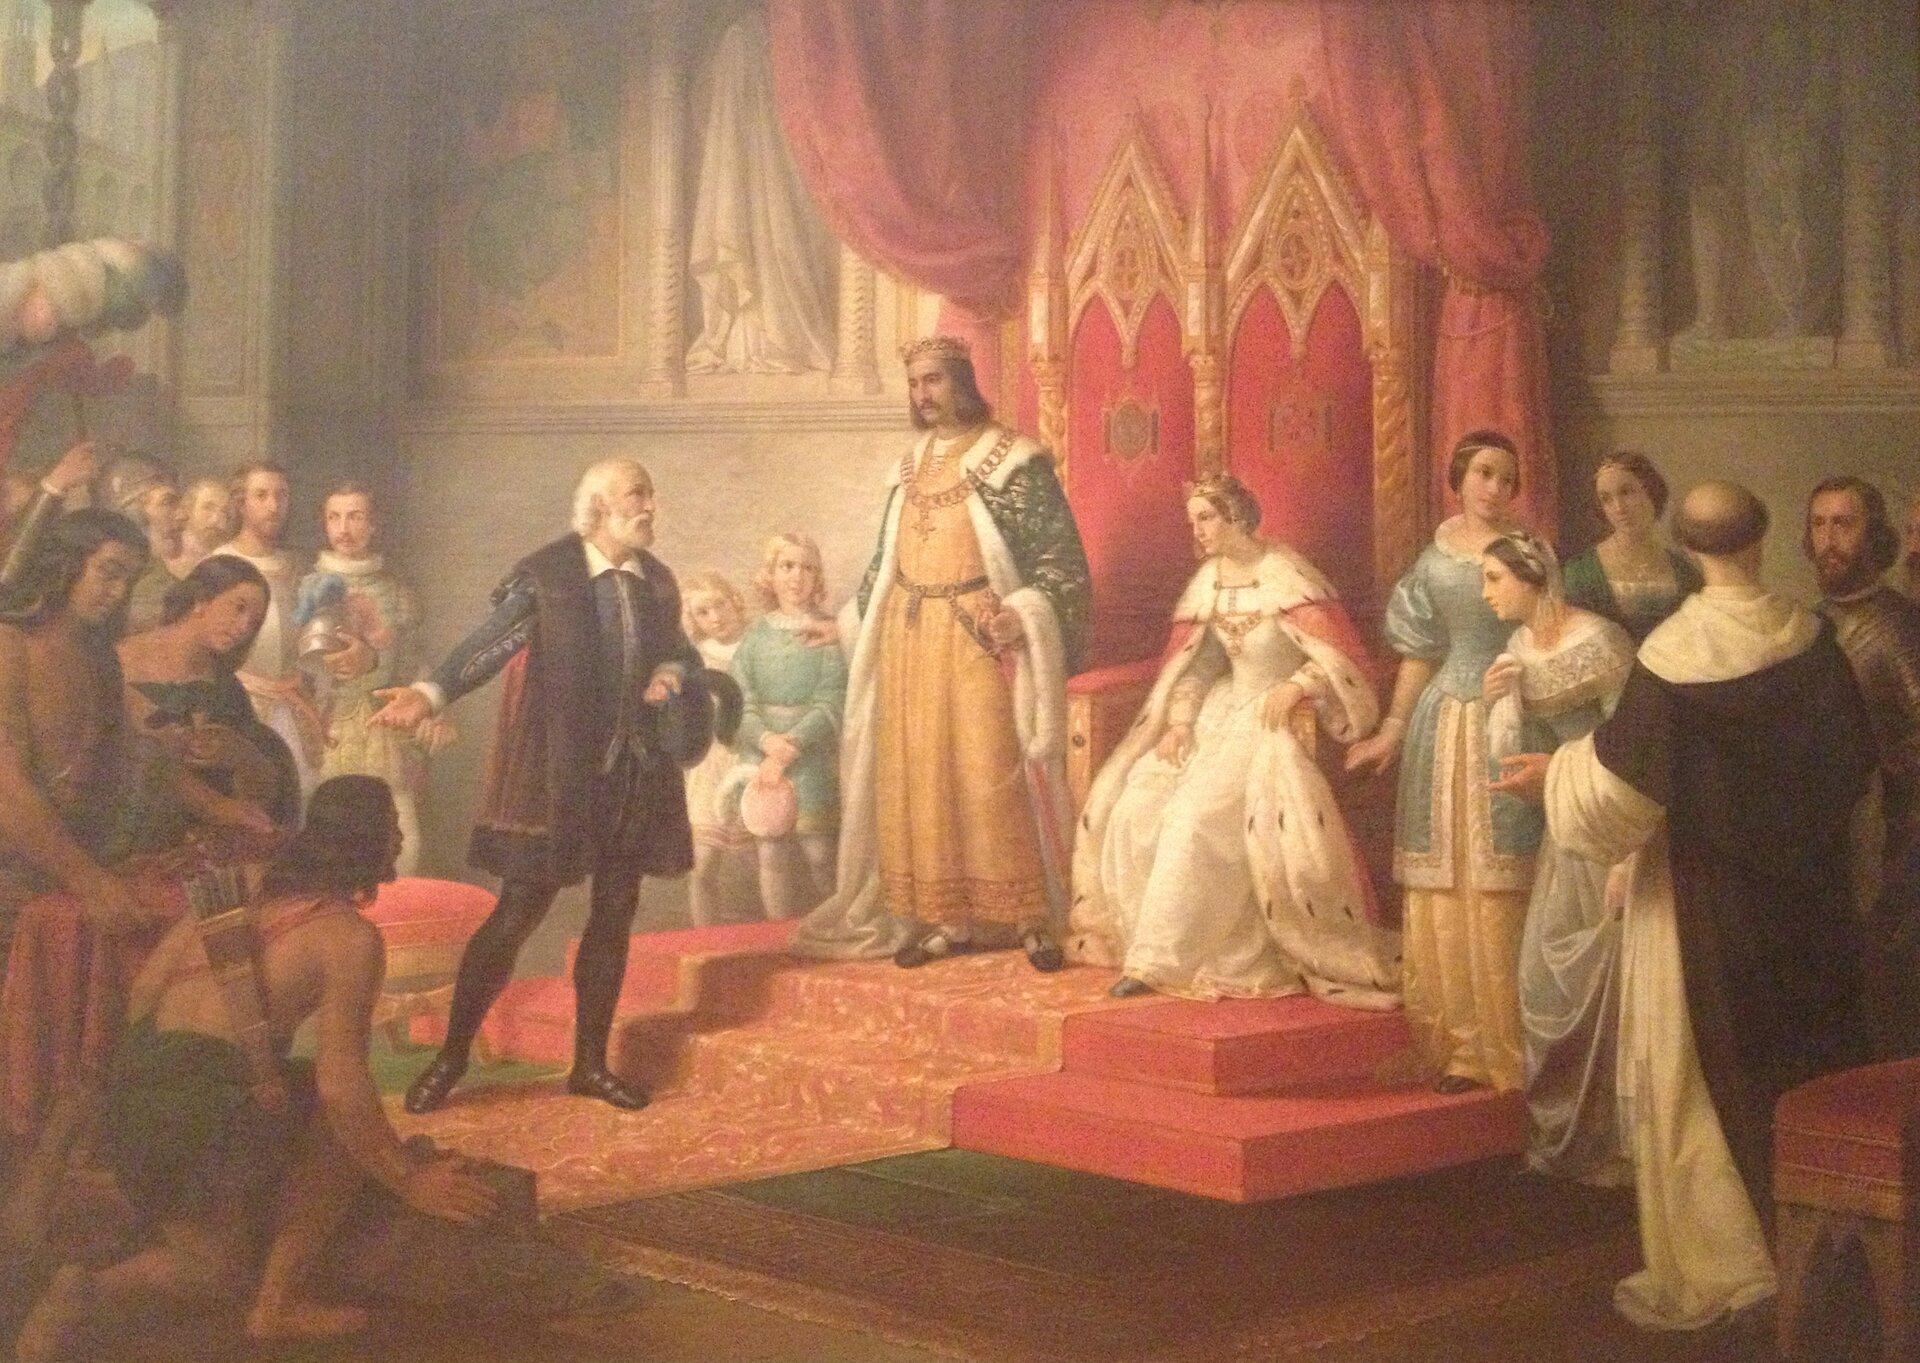 Kolumb informuje parę królewską odotarciu do nowego lądu Źródło: ClarkSui , Juan Cordero, Kolumb informuje parę królewską odotarciu do nowego lądu, 1850, Fotografia, Museo Nacional de Arte, licencja: CC BY-SA 3.0.